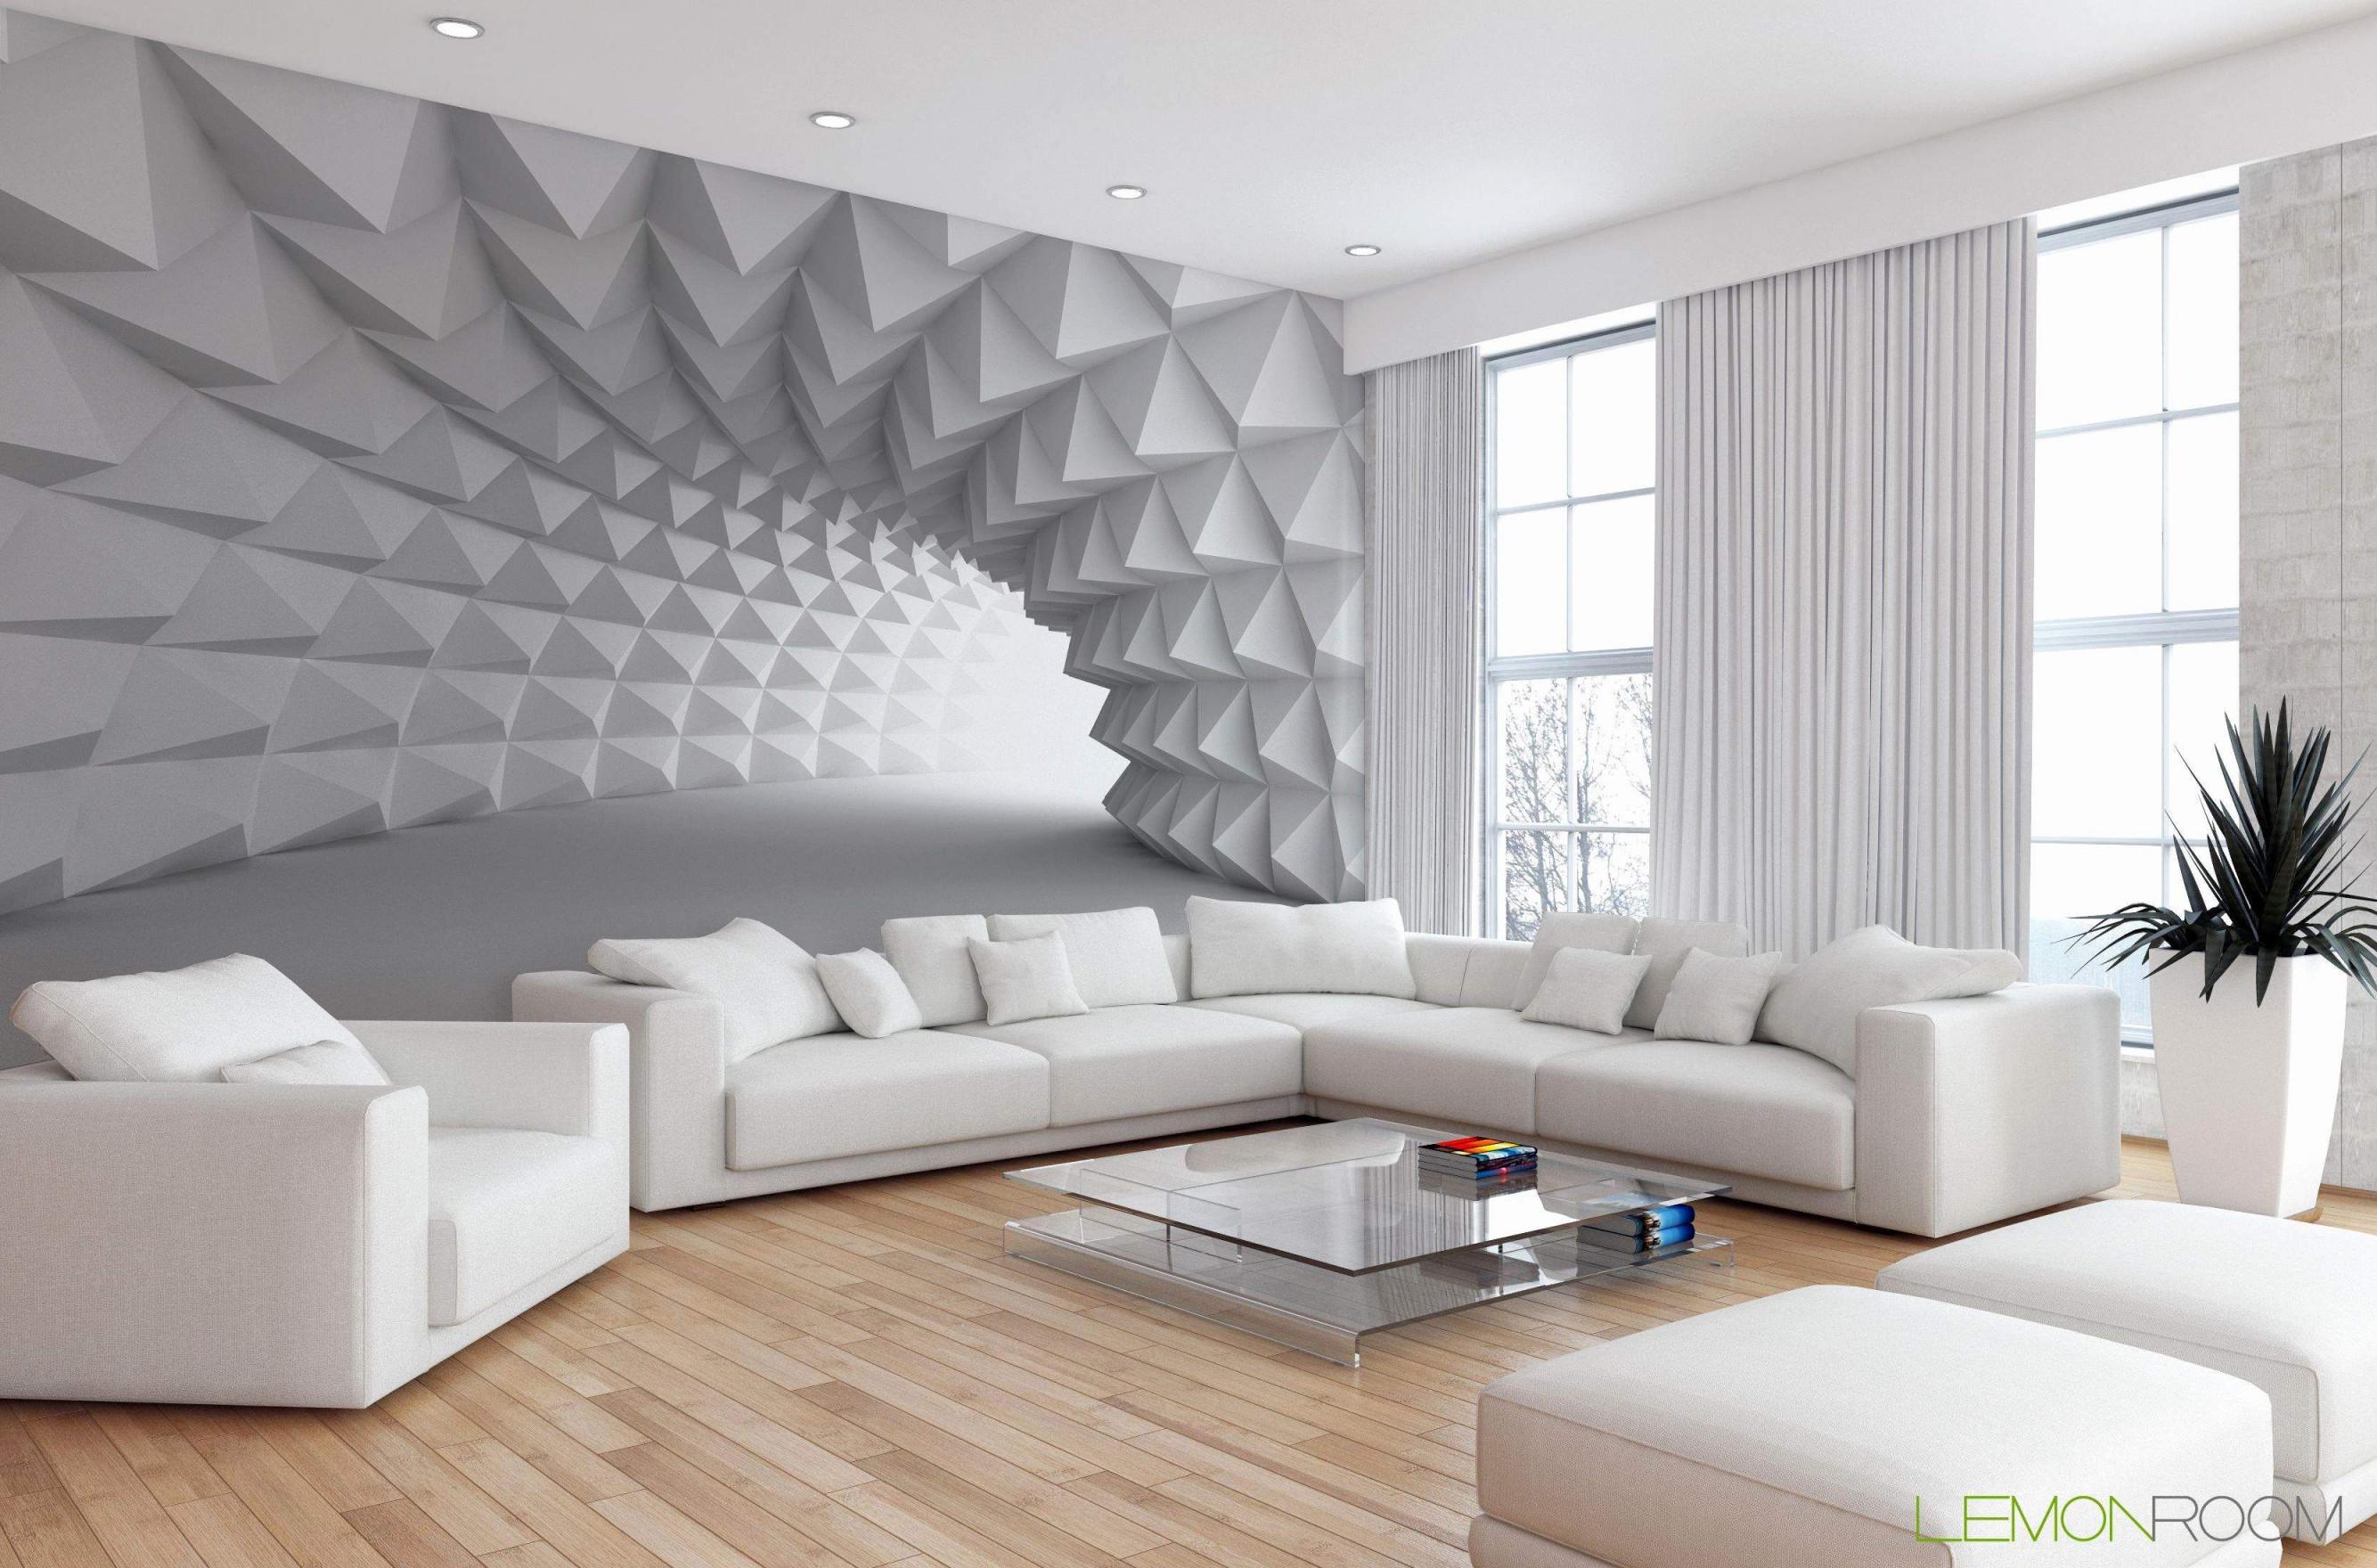 Moderne Wohnzimmer Tapeten Schön 31 Inspirierend Moderne von Wohnzimmer Tapeten Modern Bild